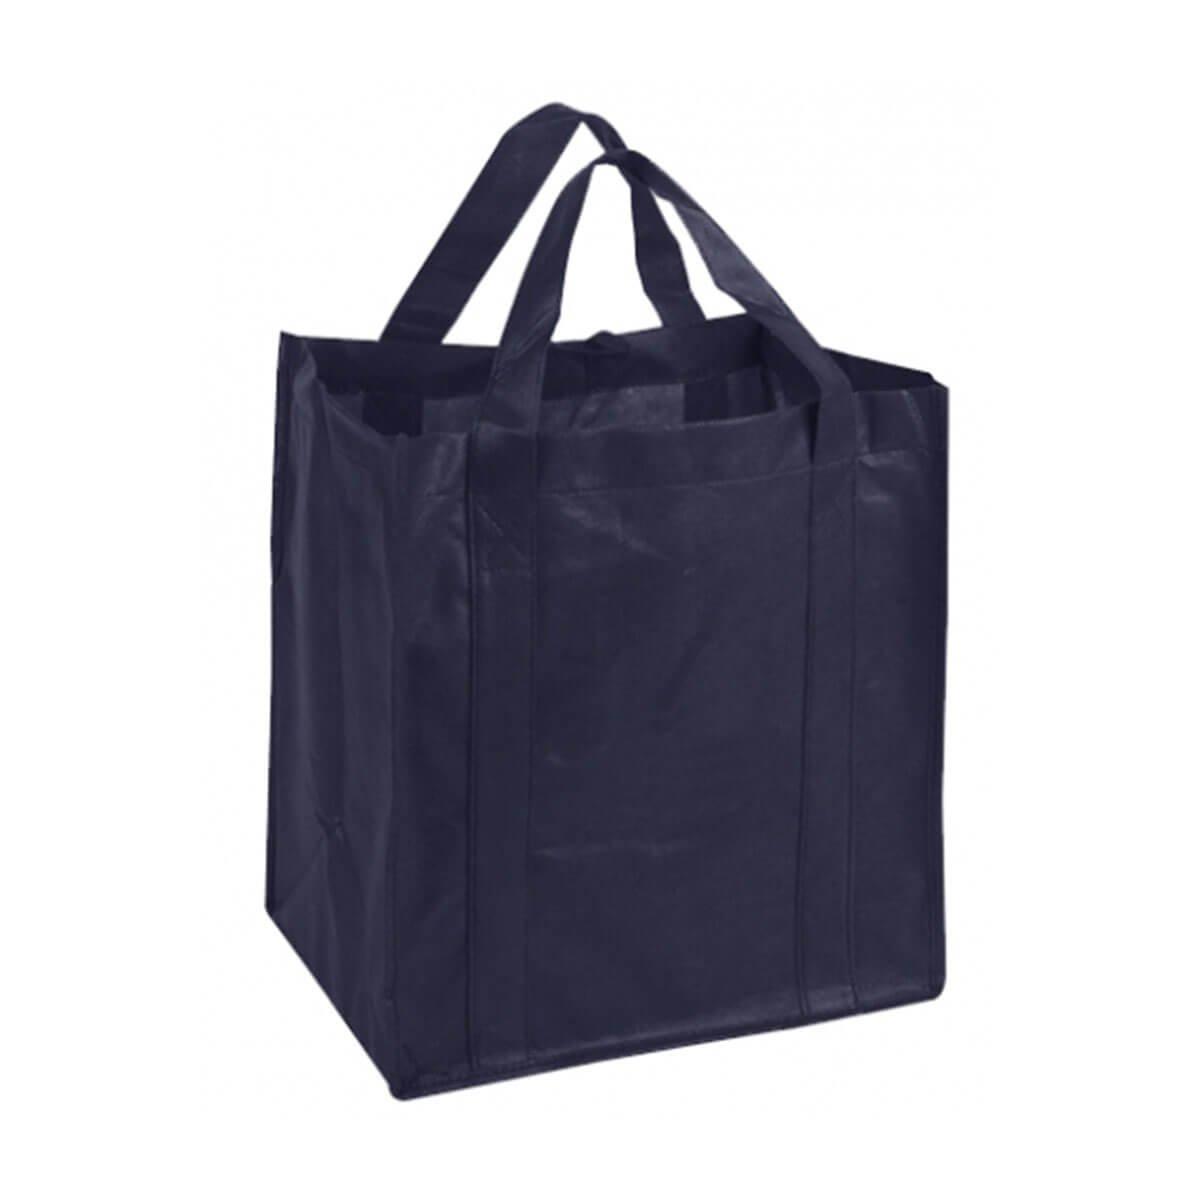 Non-Woven Shopping Bag-Navy